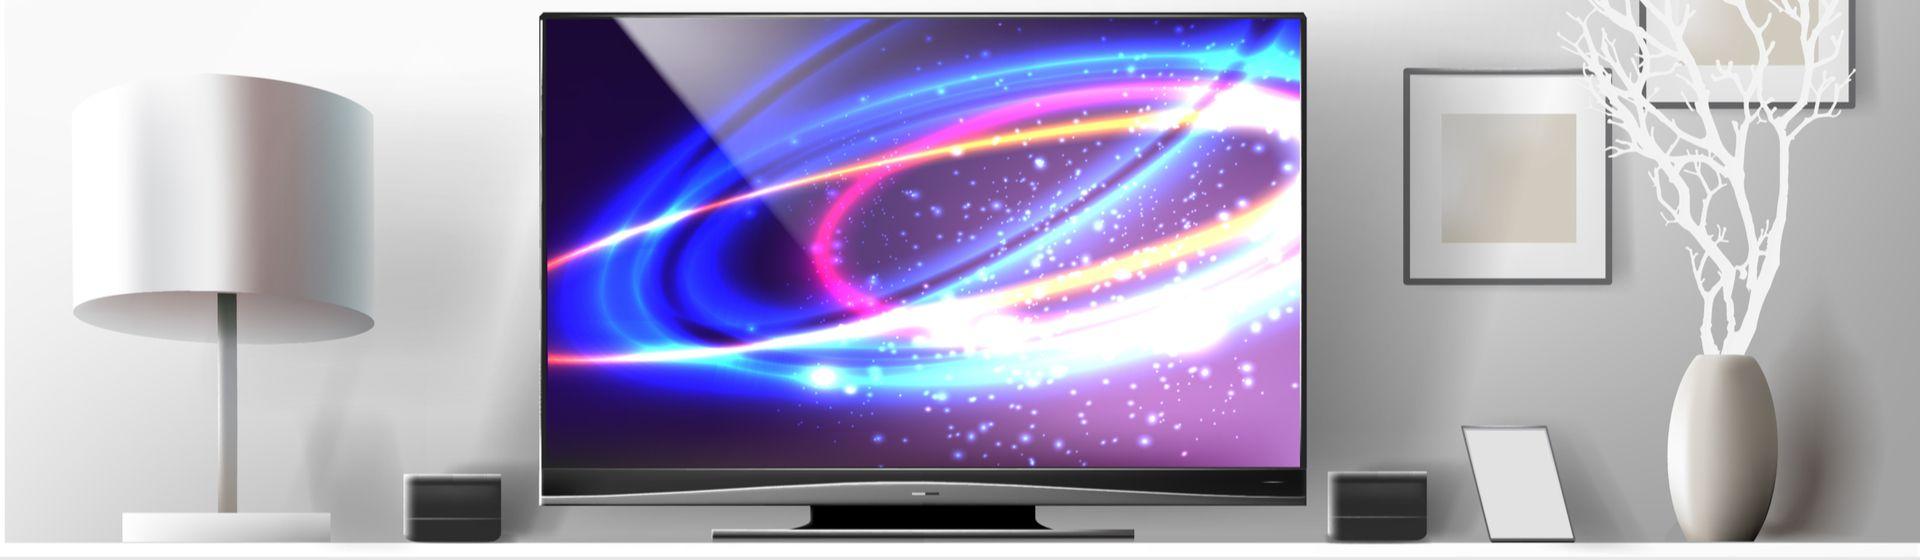 TV de Plasma, LCD ou LED? Descubra as diferenças